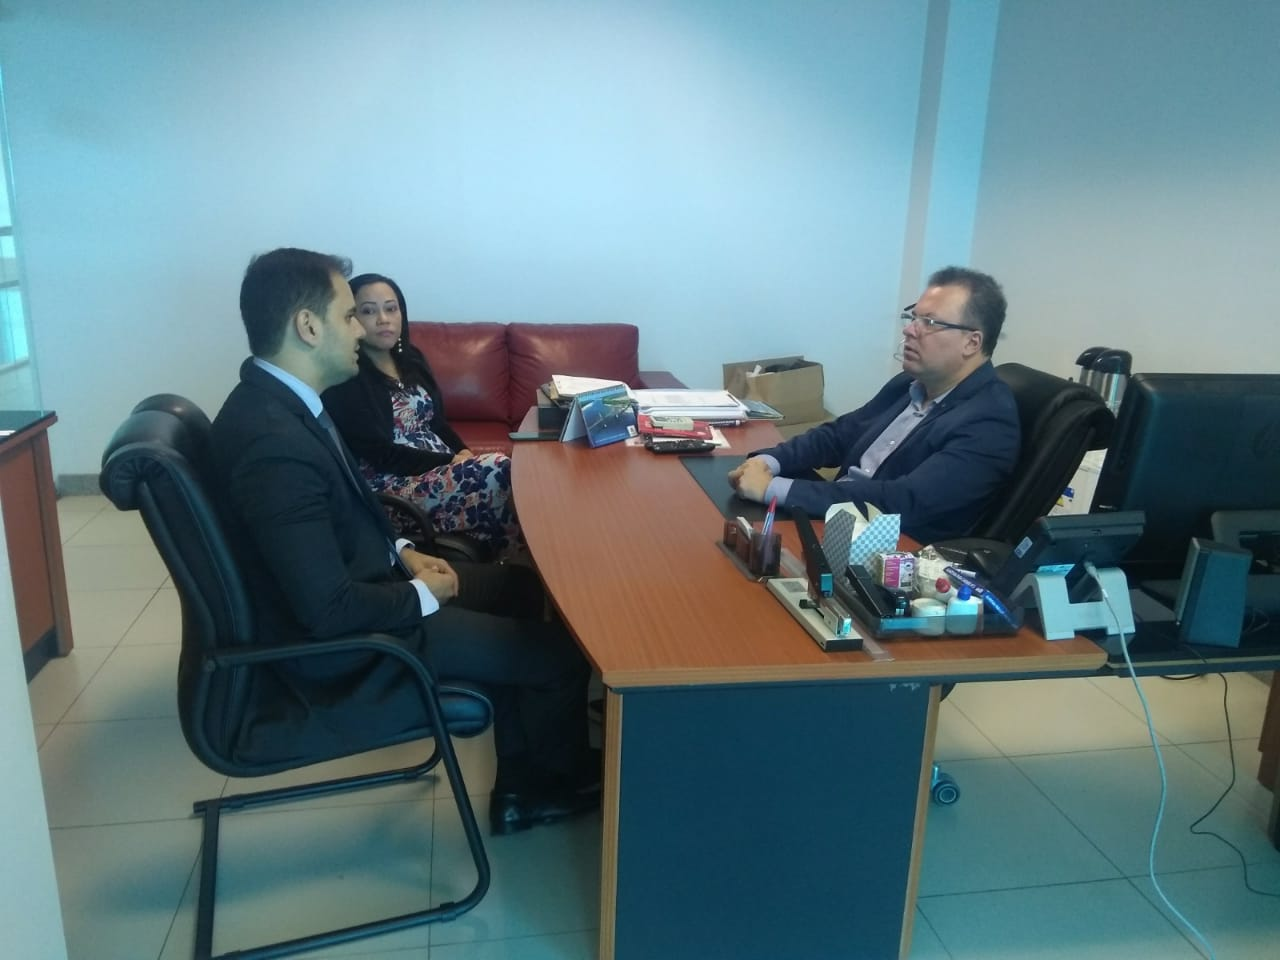 Diretor de Comunicação recebe visita do defensor público-geral e discute parceria